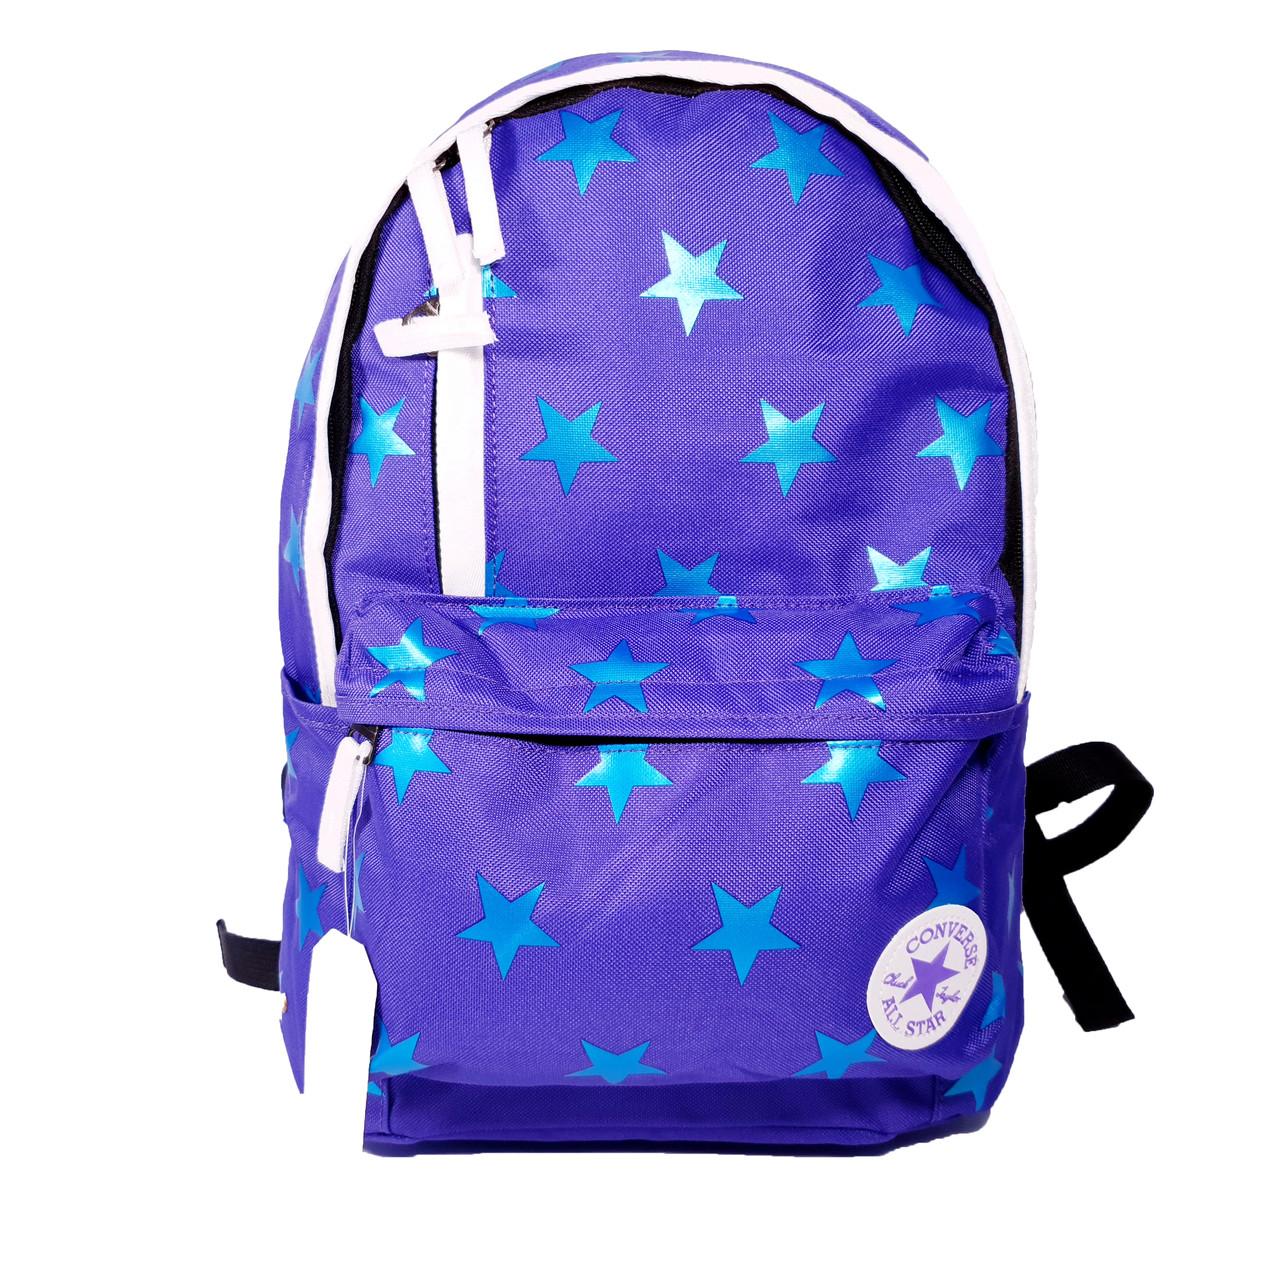 Спортивный рюкзак Converse